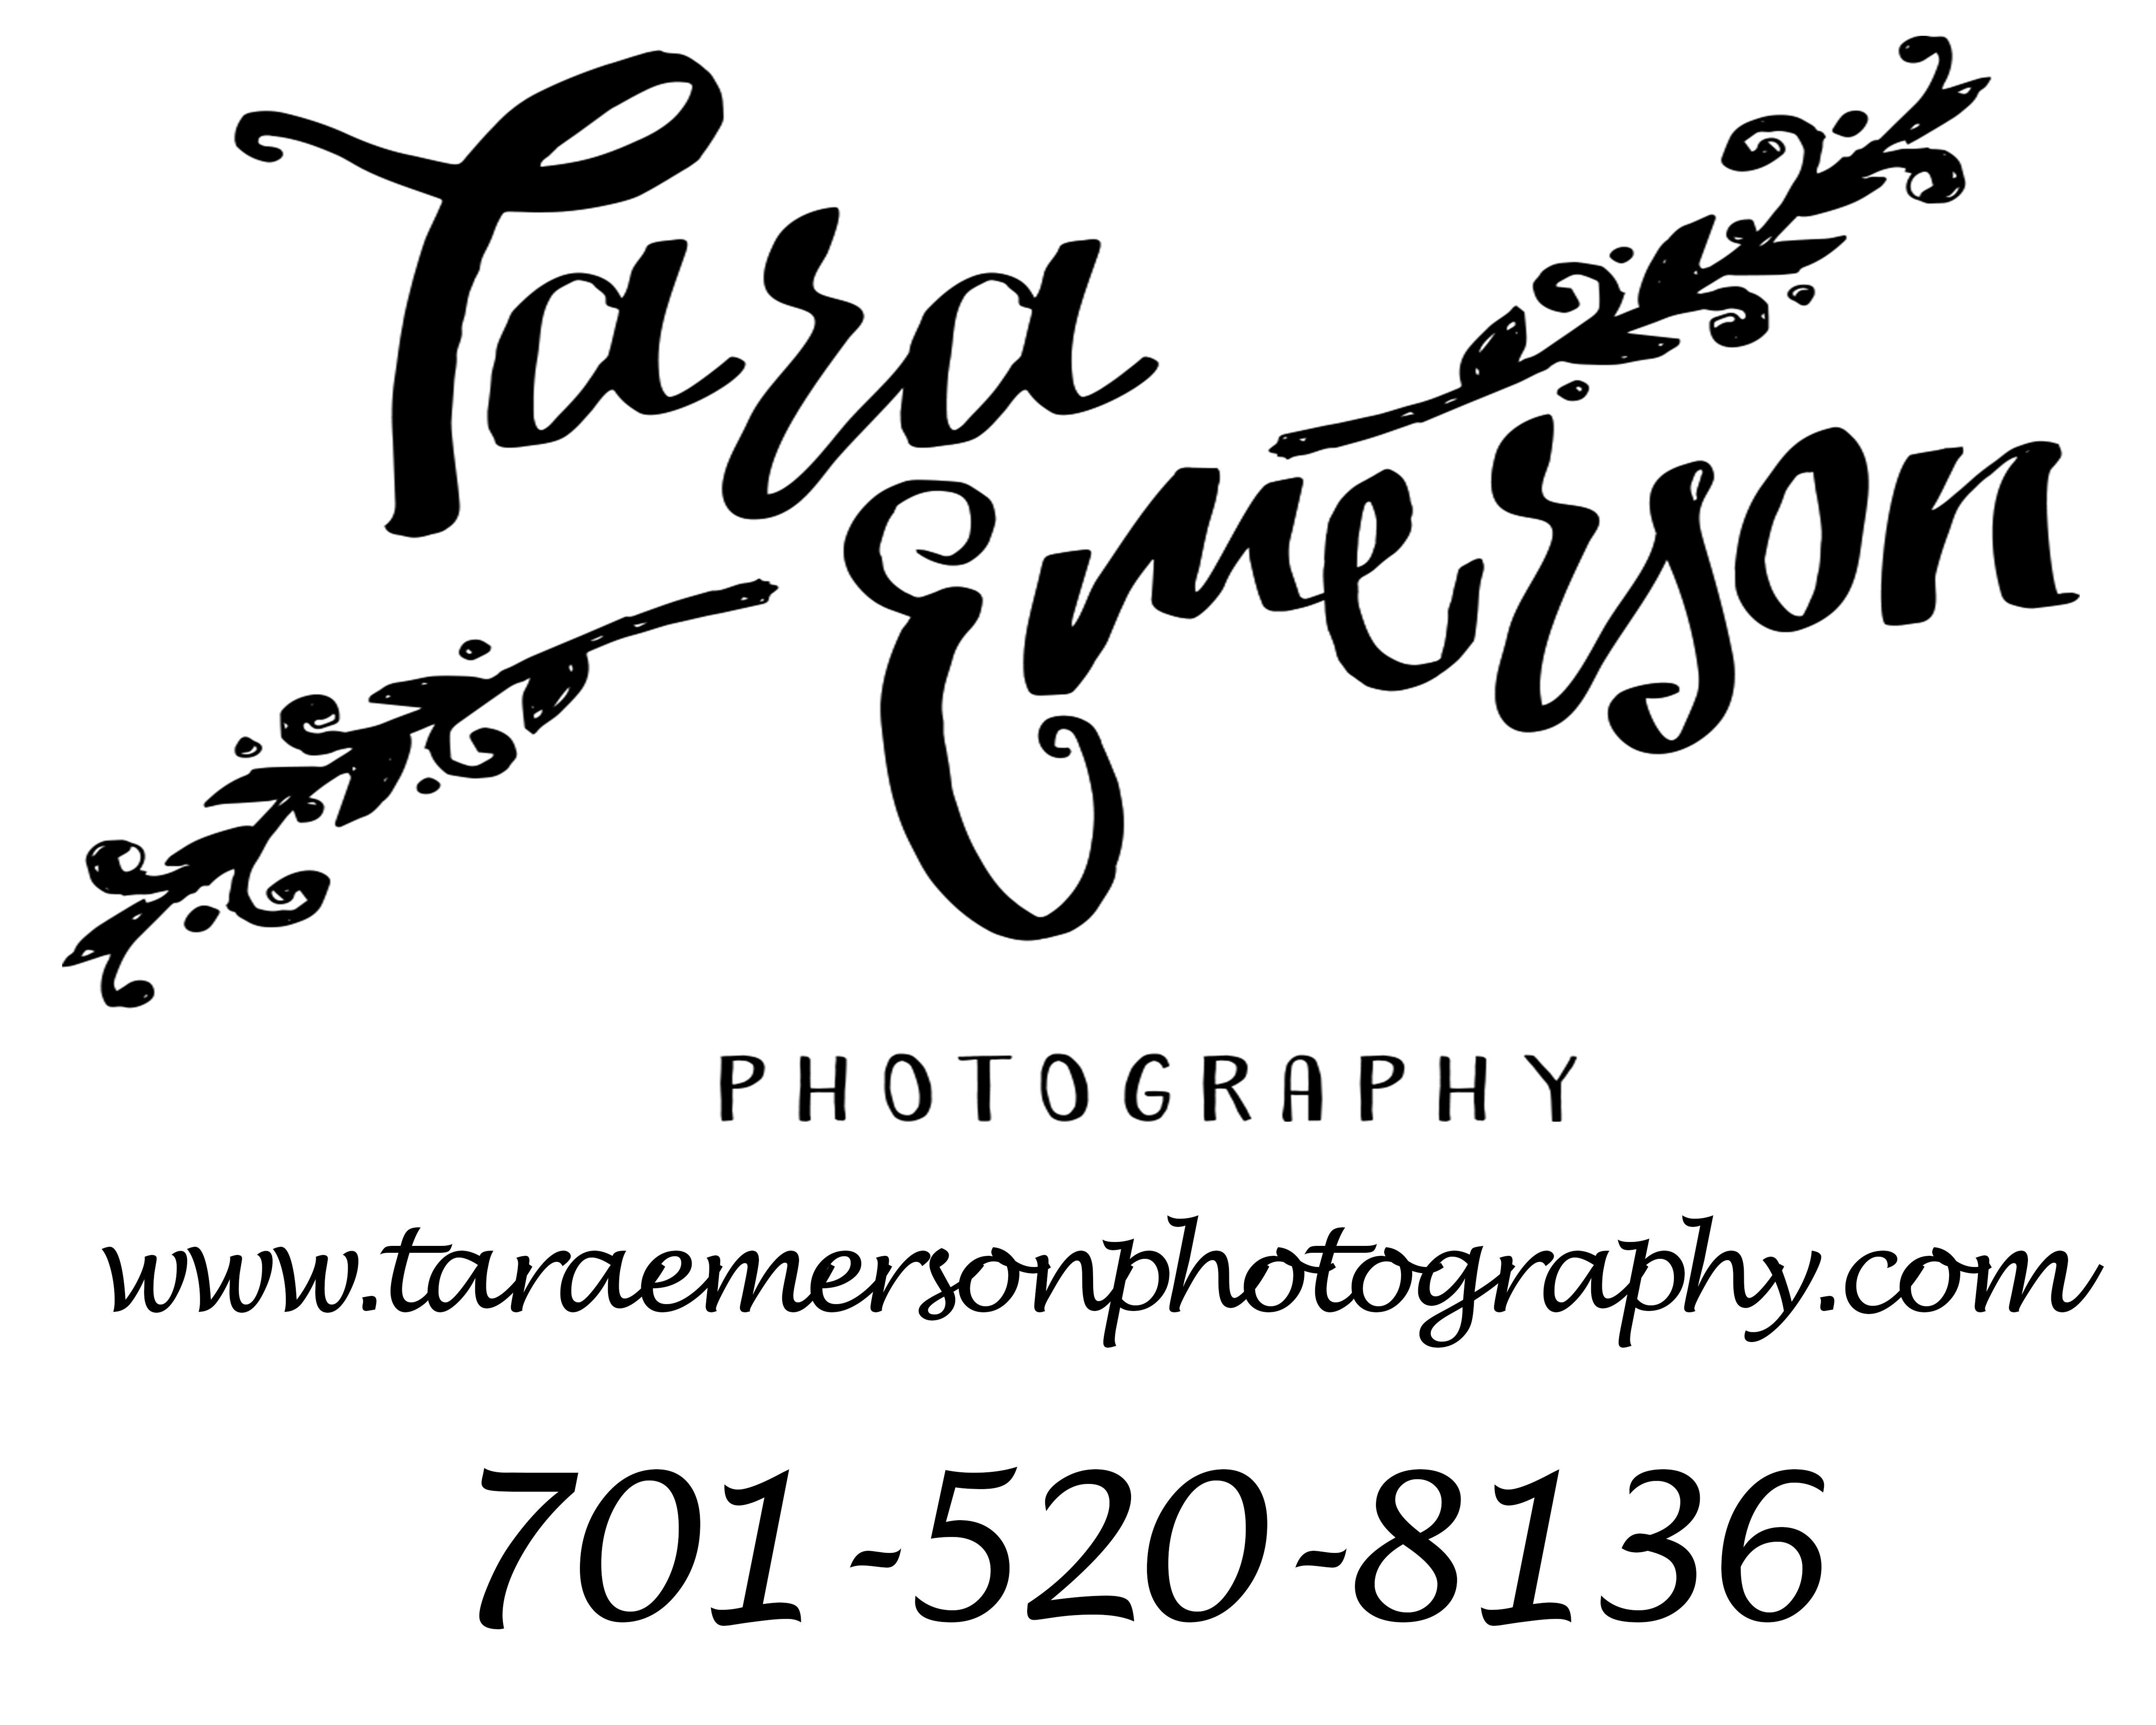 Tara-Emerson